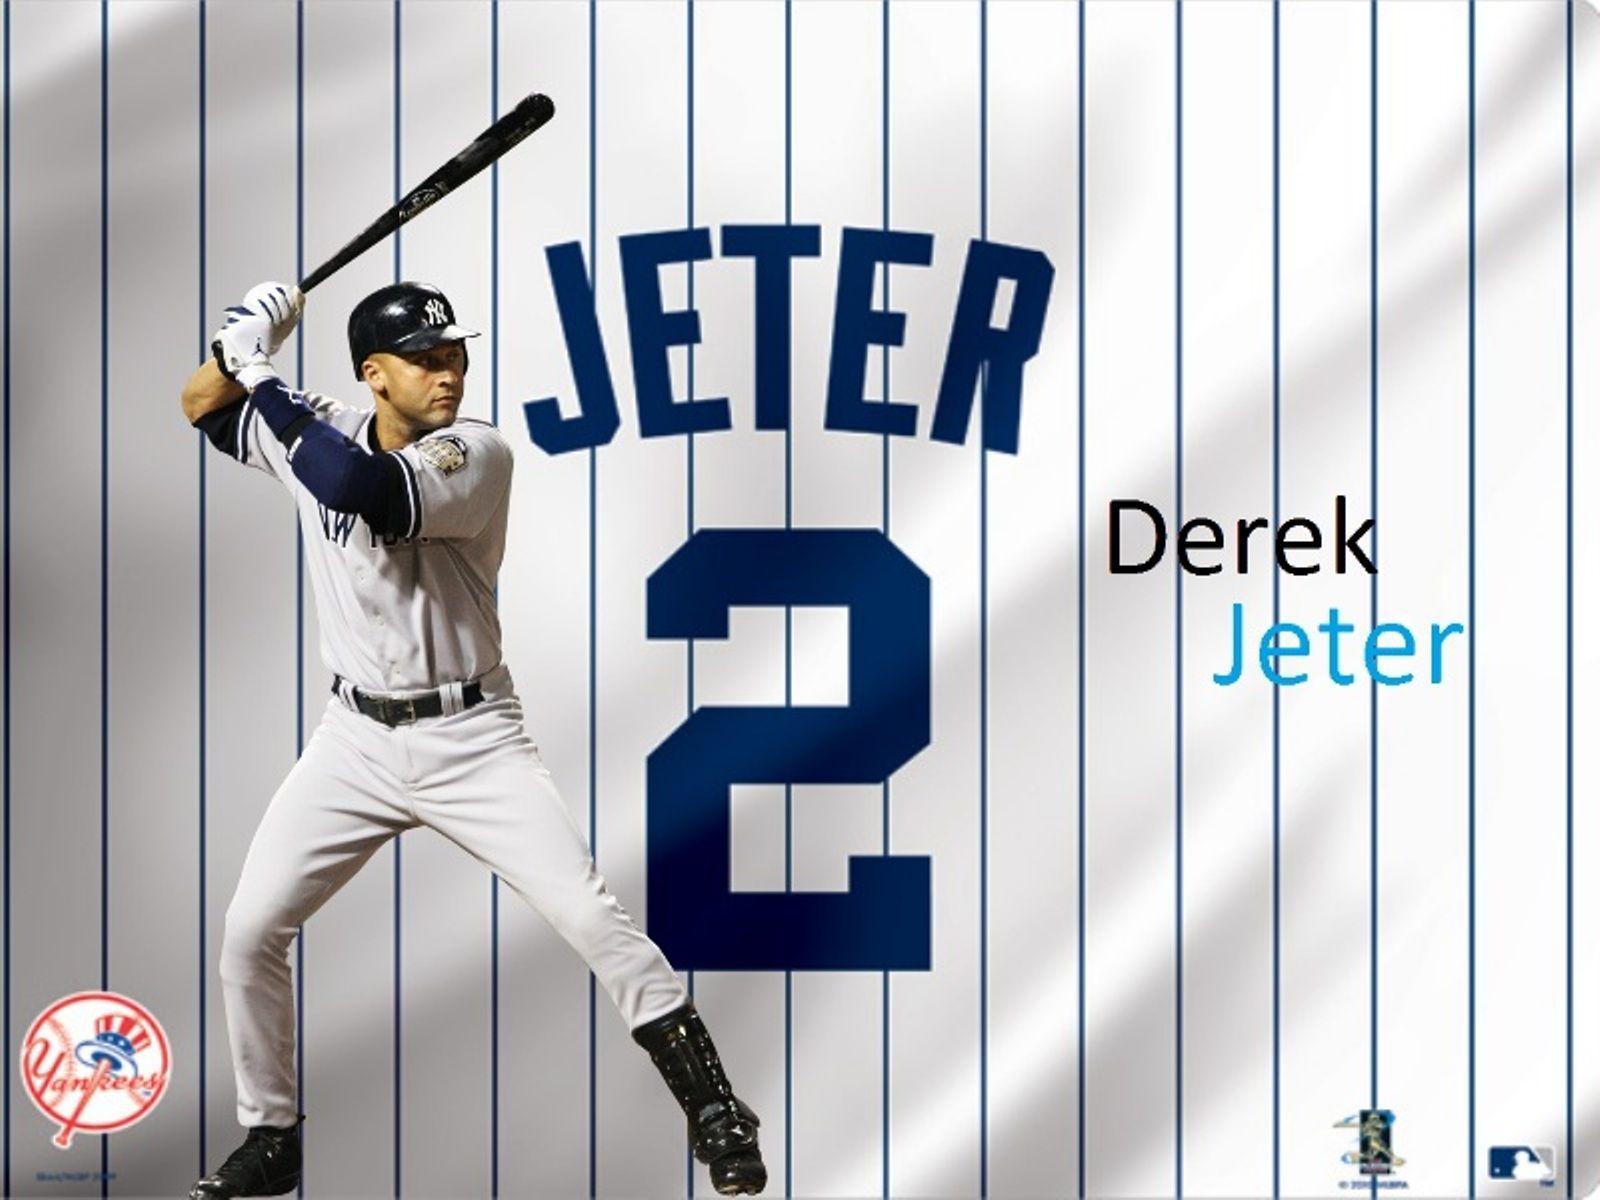 Derek Jeter Wallpapers Top Free Derek Jeter Backgrounds Wallpaperaccess